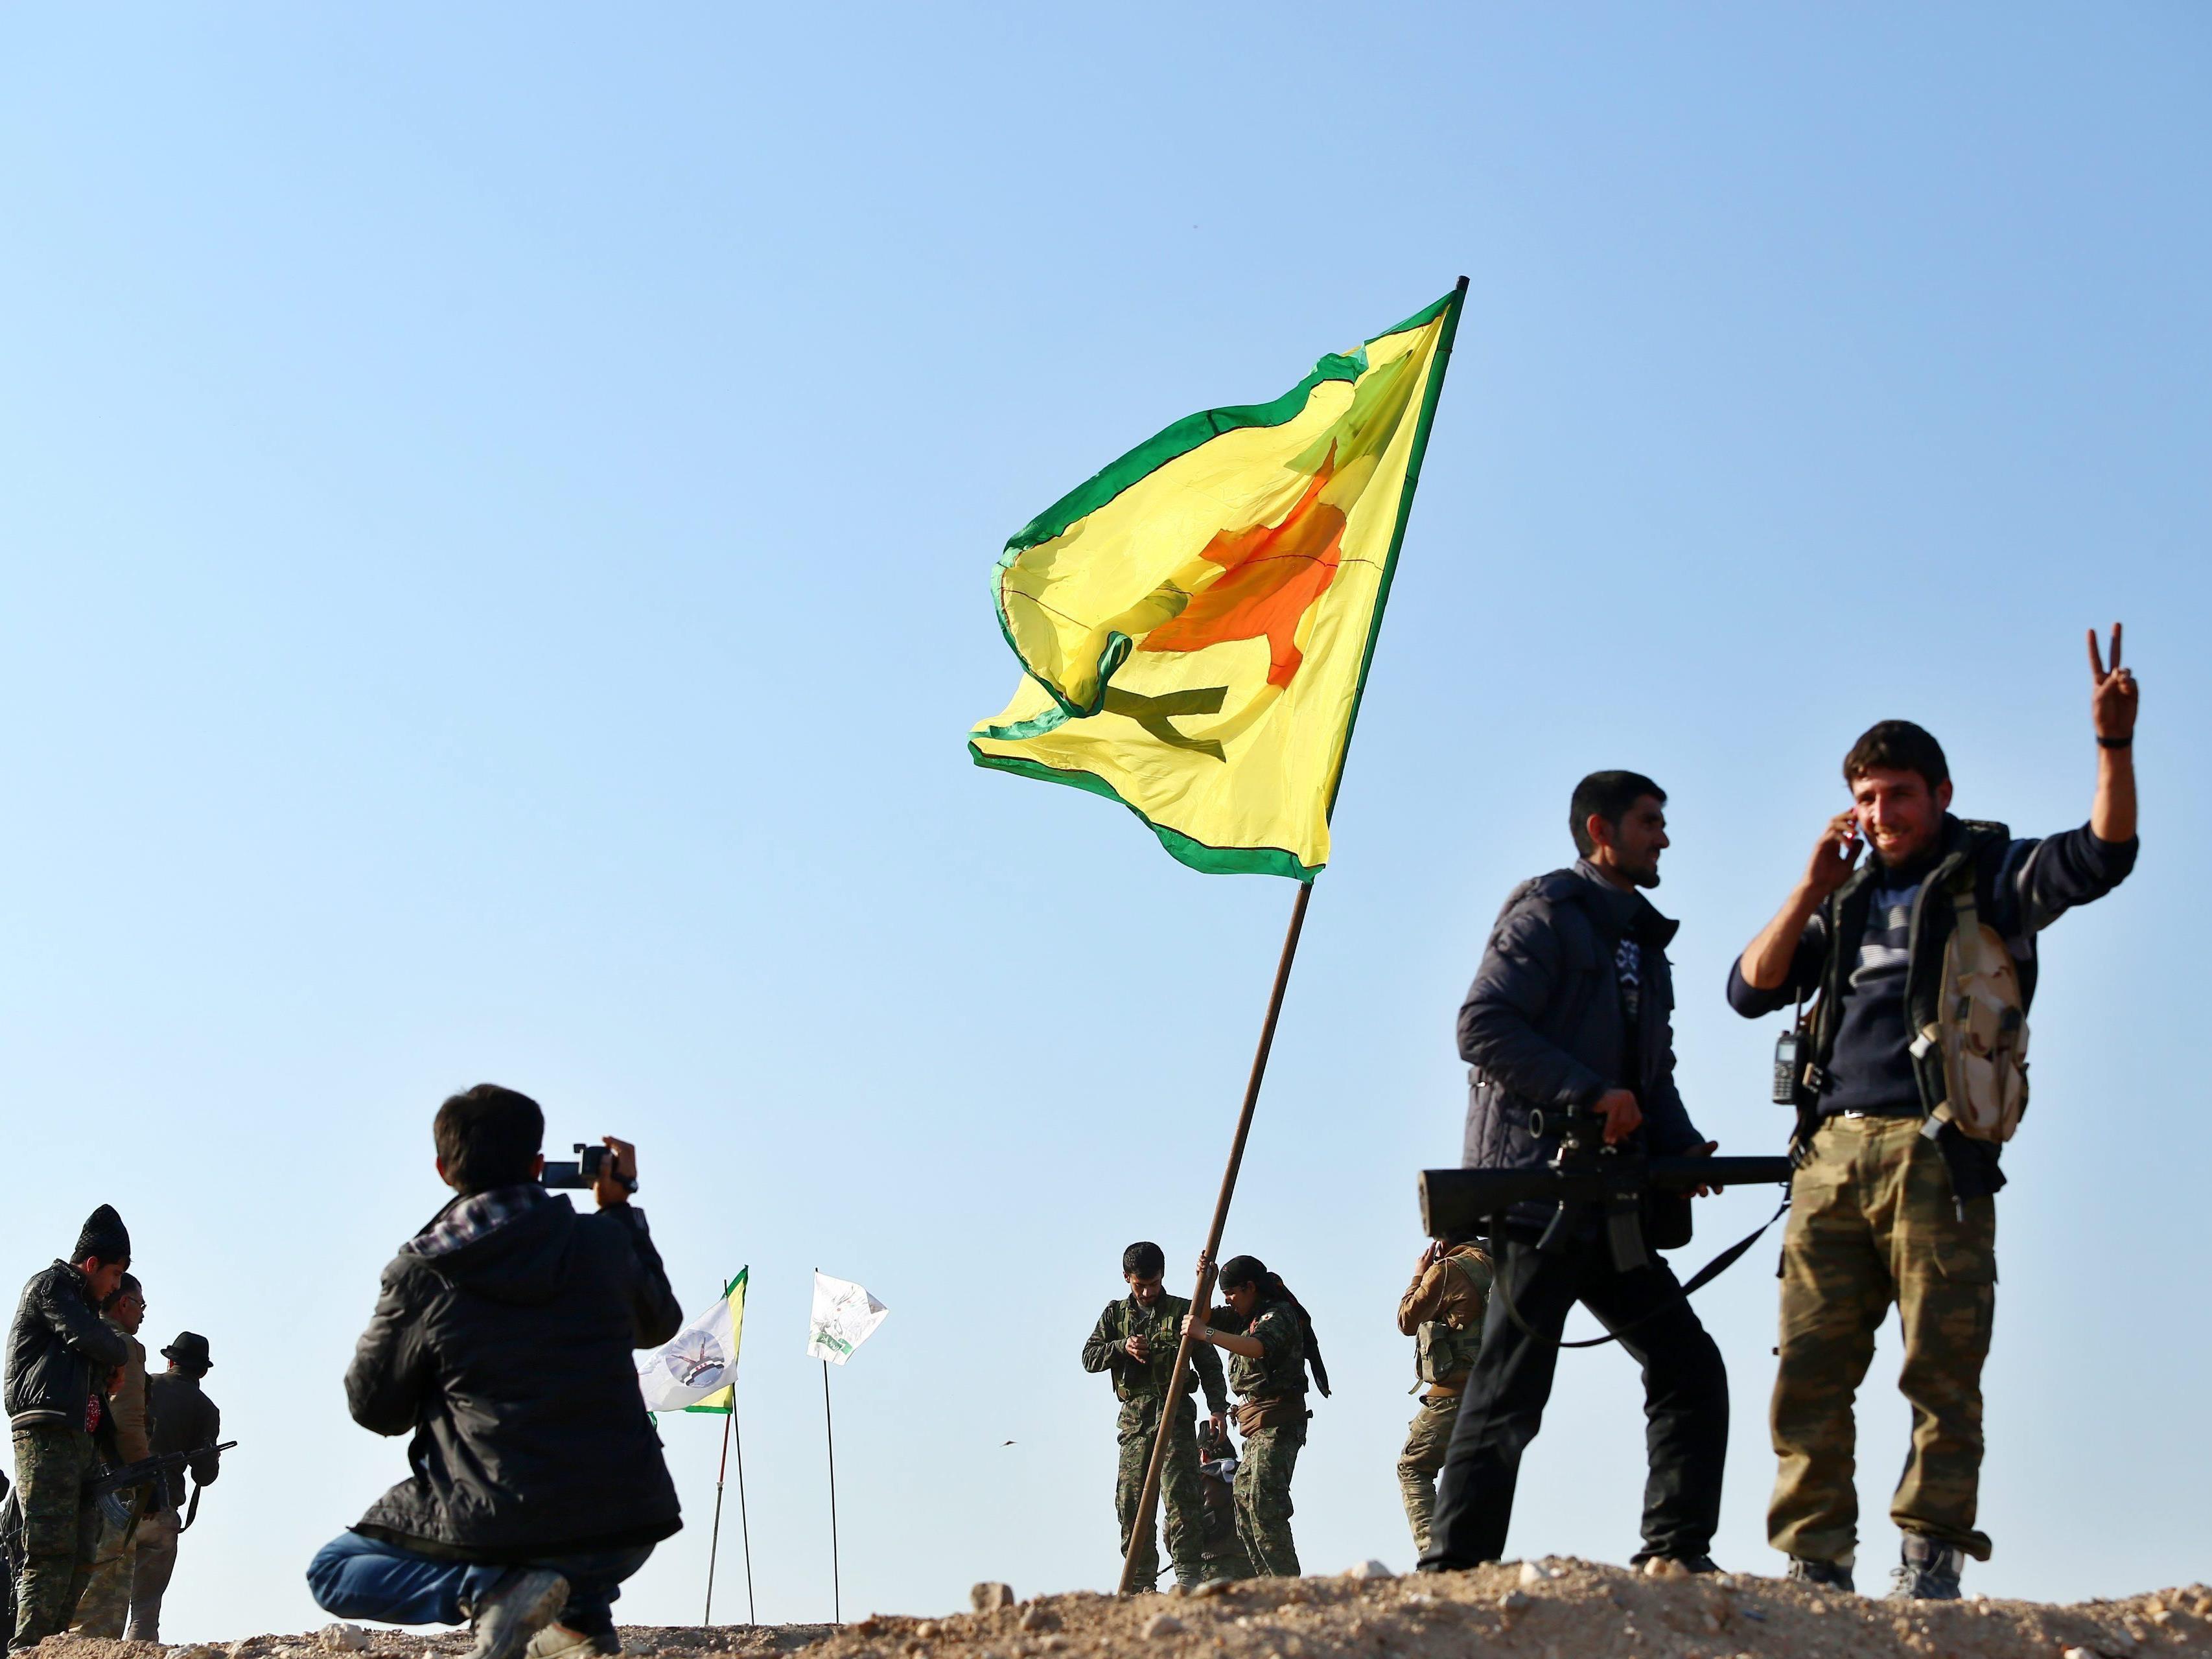 Aktivisten: Einheiten konzentrieren Kräfte nun auf Tal Abjad.